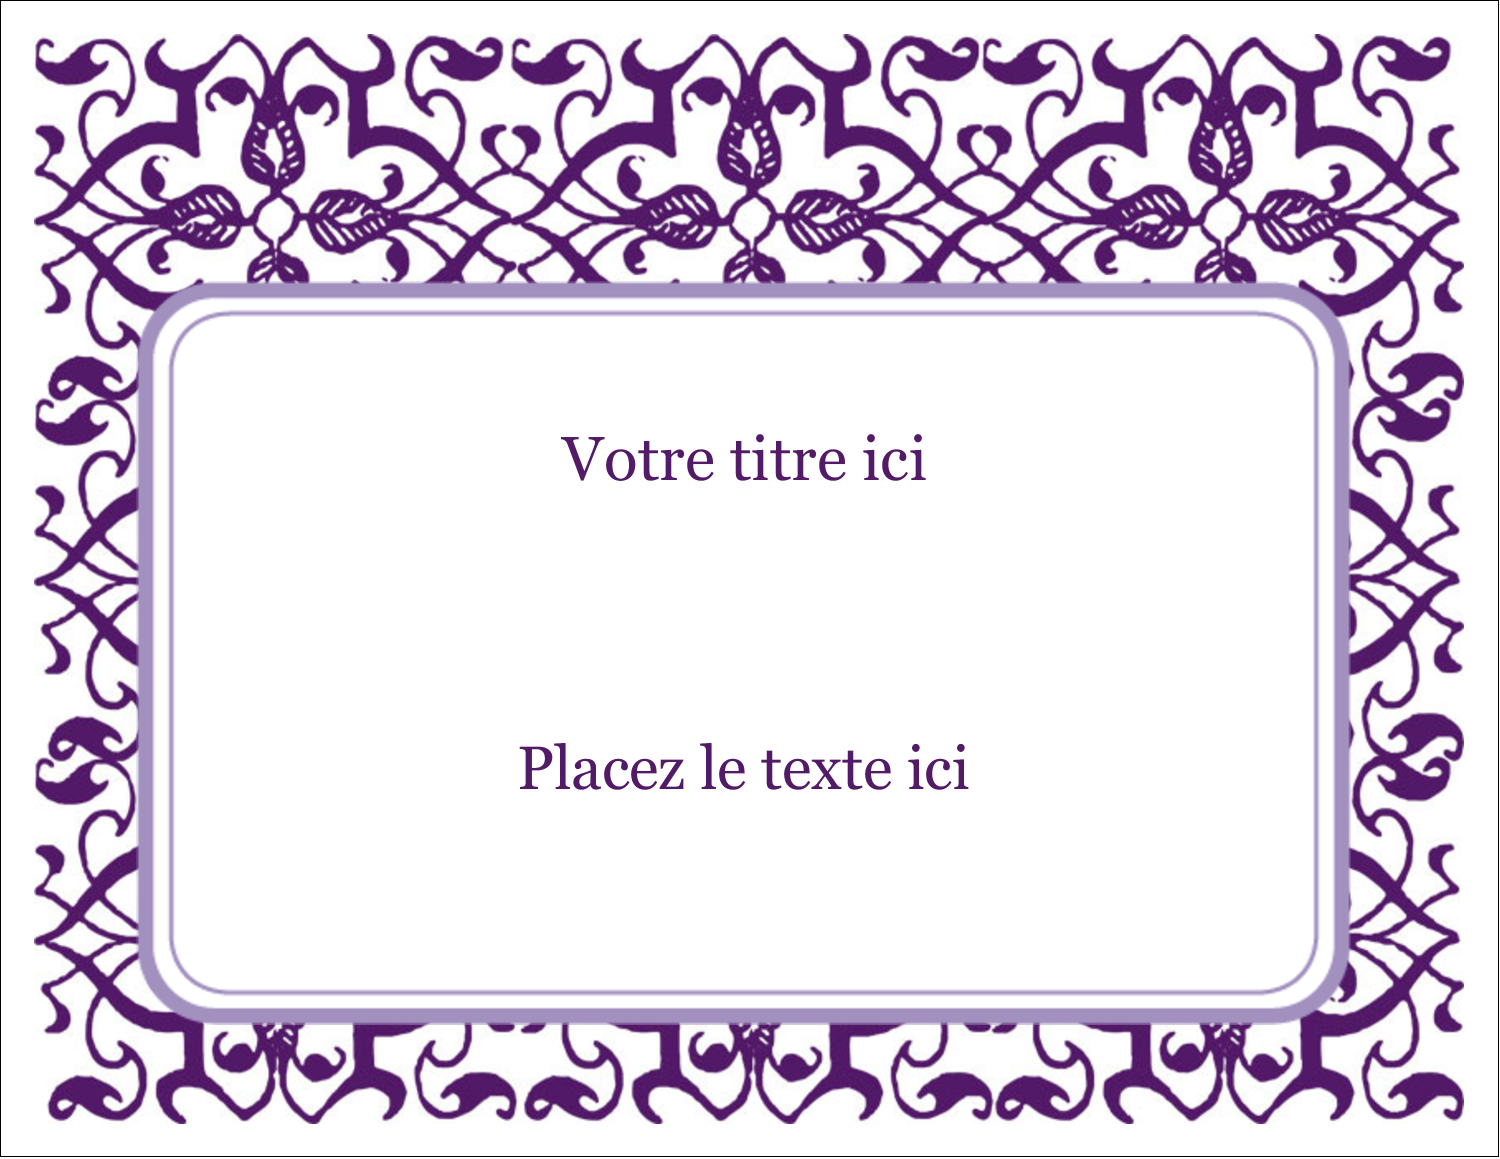 Motif de tourbillons violets Étiquettes D'Identification - gabarit prédéfini. <br/>Utilisez notre logiciel Avery Design & Print Online pour personnaliser facilement la conception.